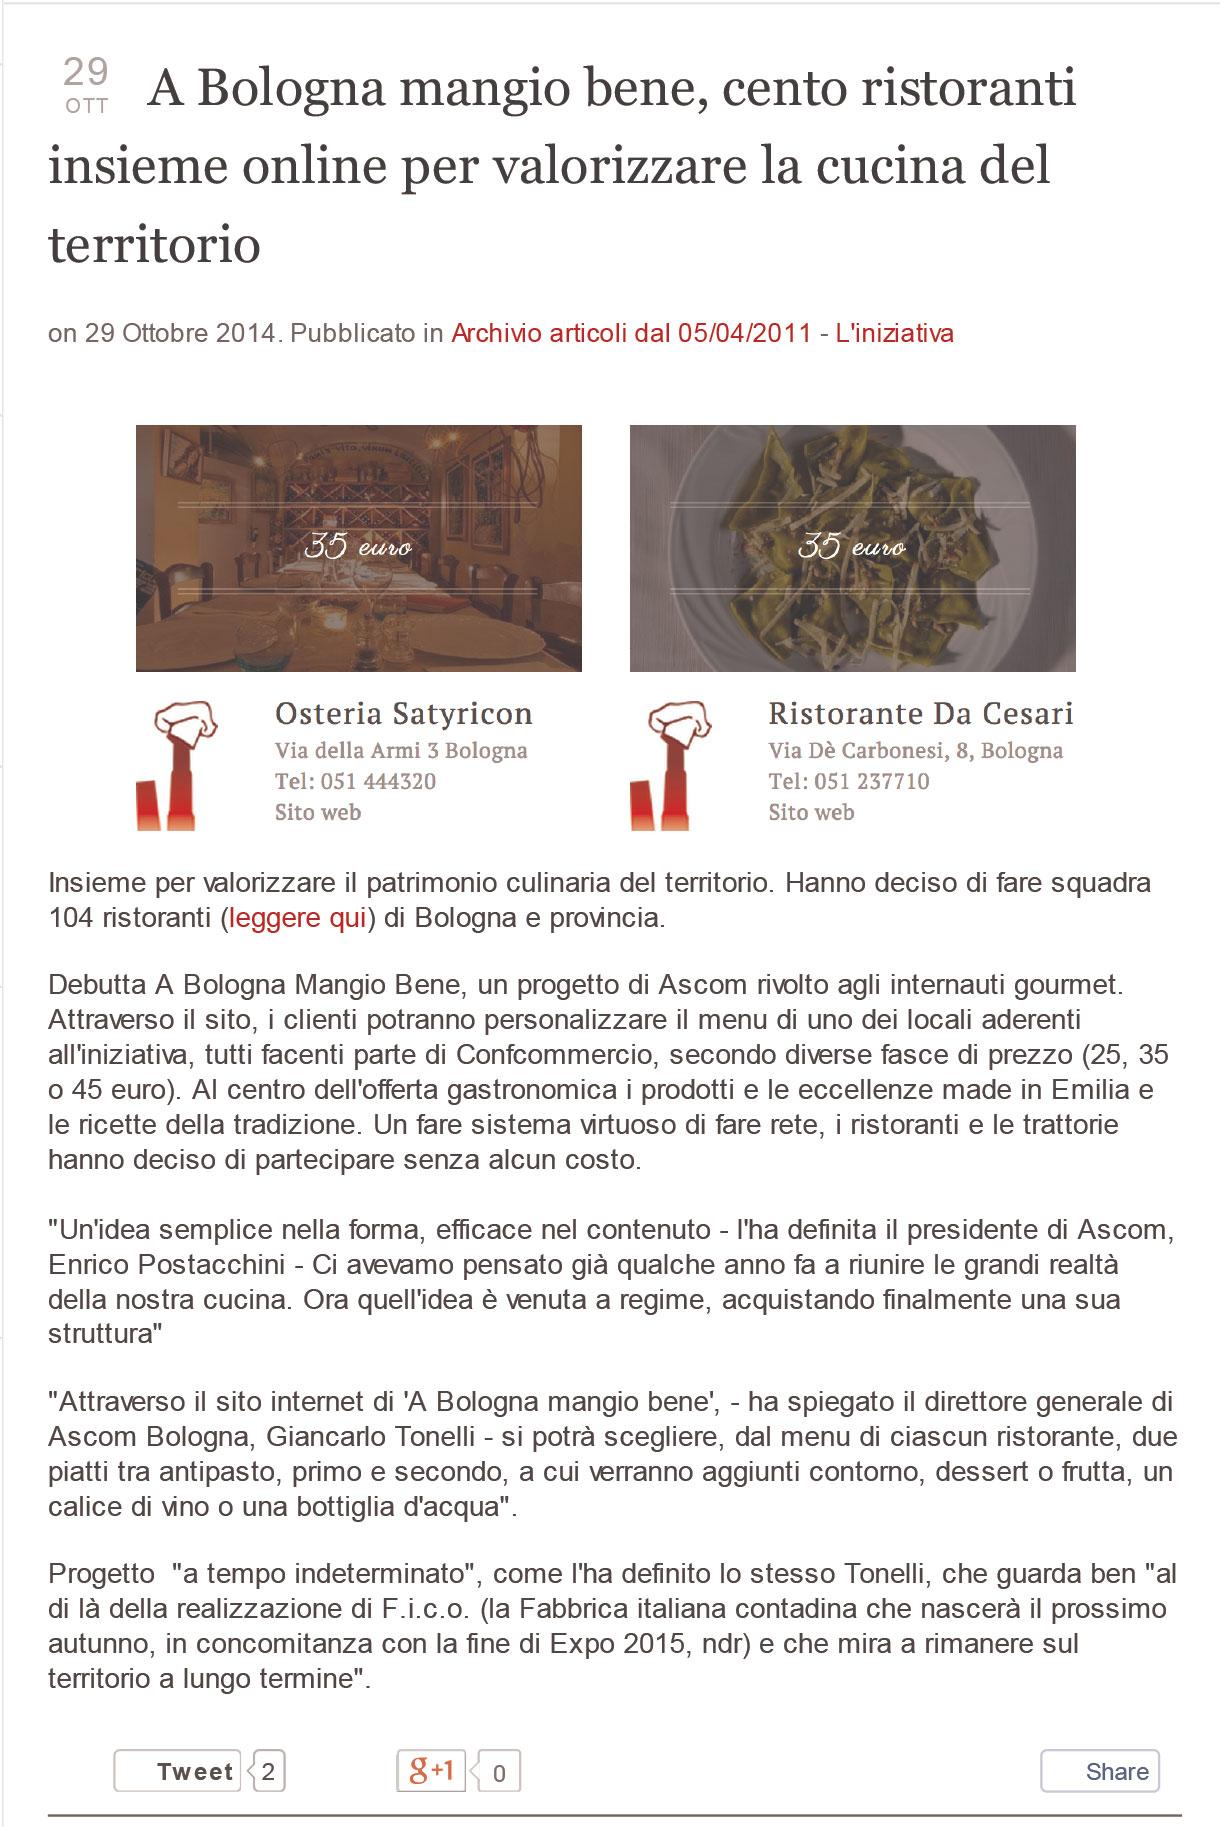 A-Bologna-mangio-bene,-cento-ristoranti-insieme-online-per-valorizzare-la-cucina-del-territorio-1